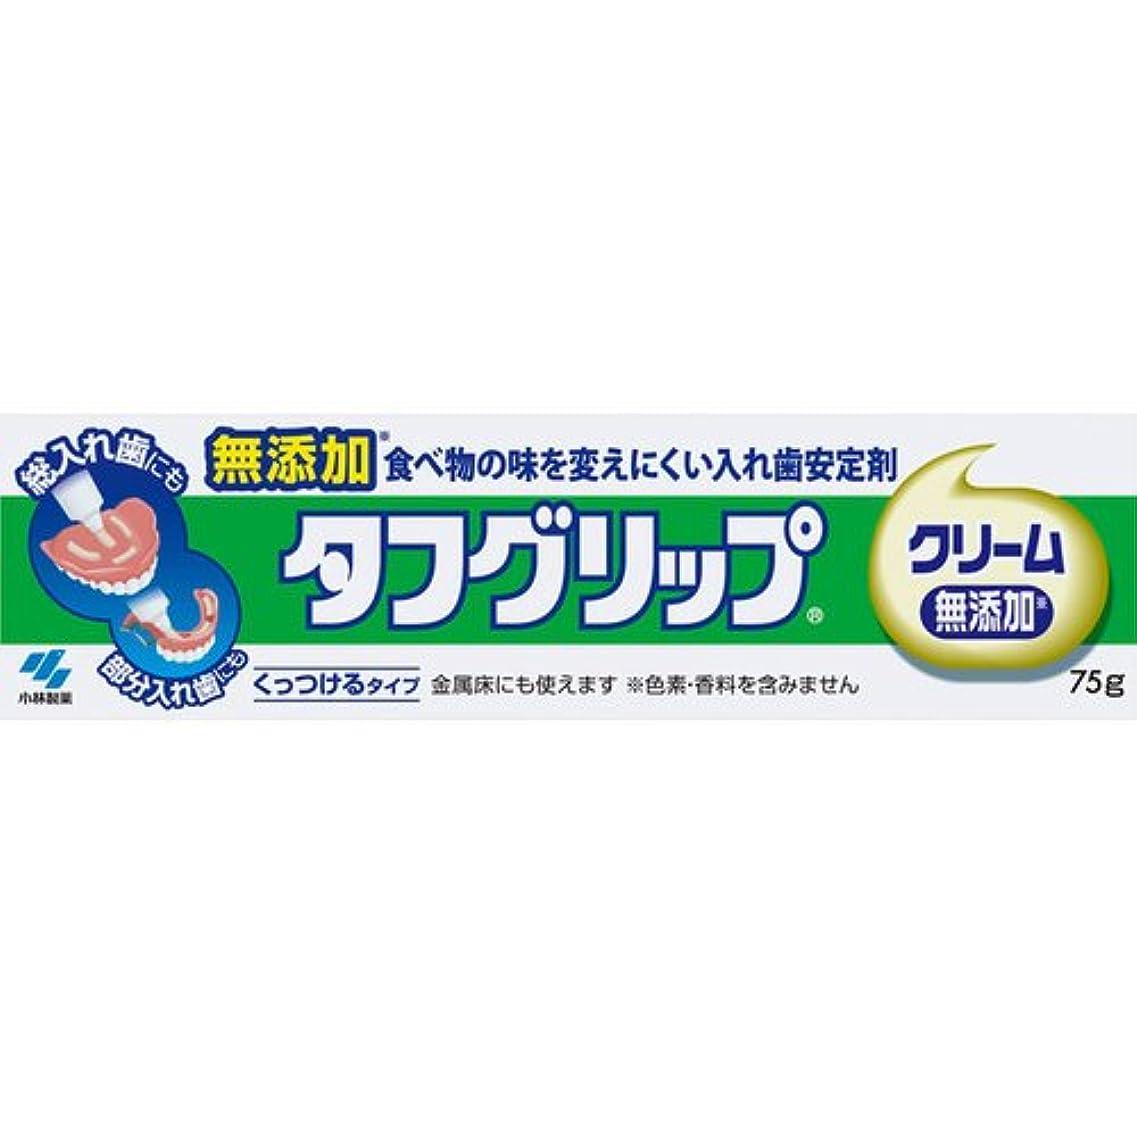 取り替えるのれん独占【小林製薬】タフグリップクリーム 無添加 75g